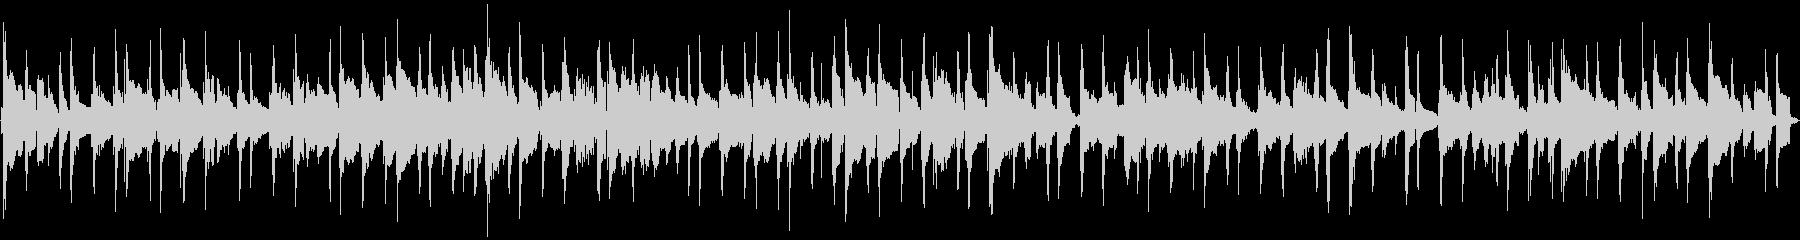 楽しく可愛いウクレレポップ(38秒の未再生の波形